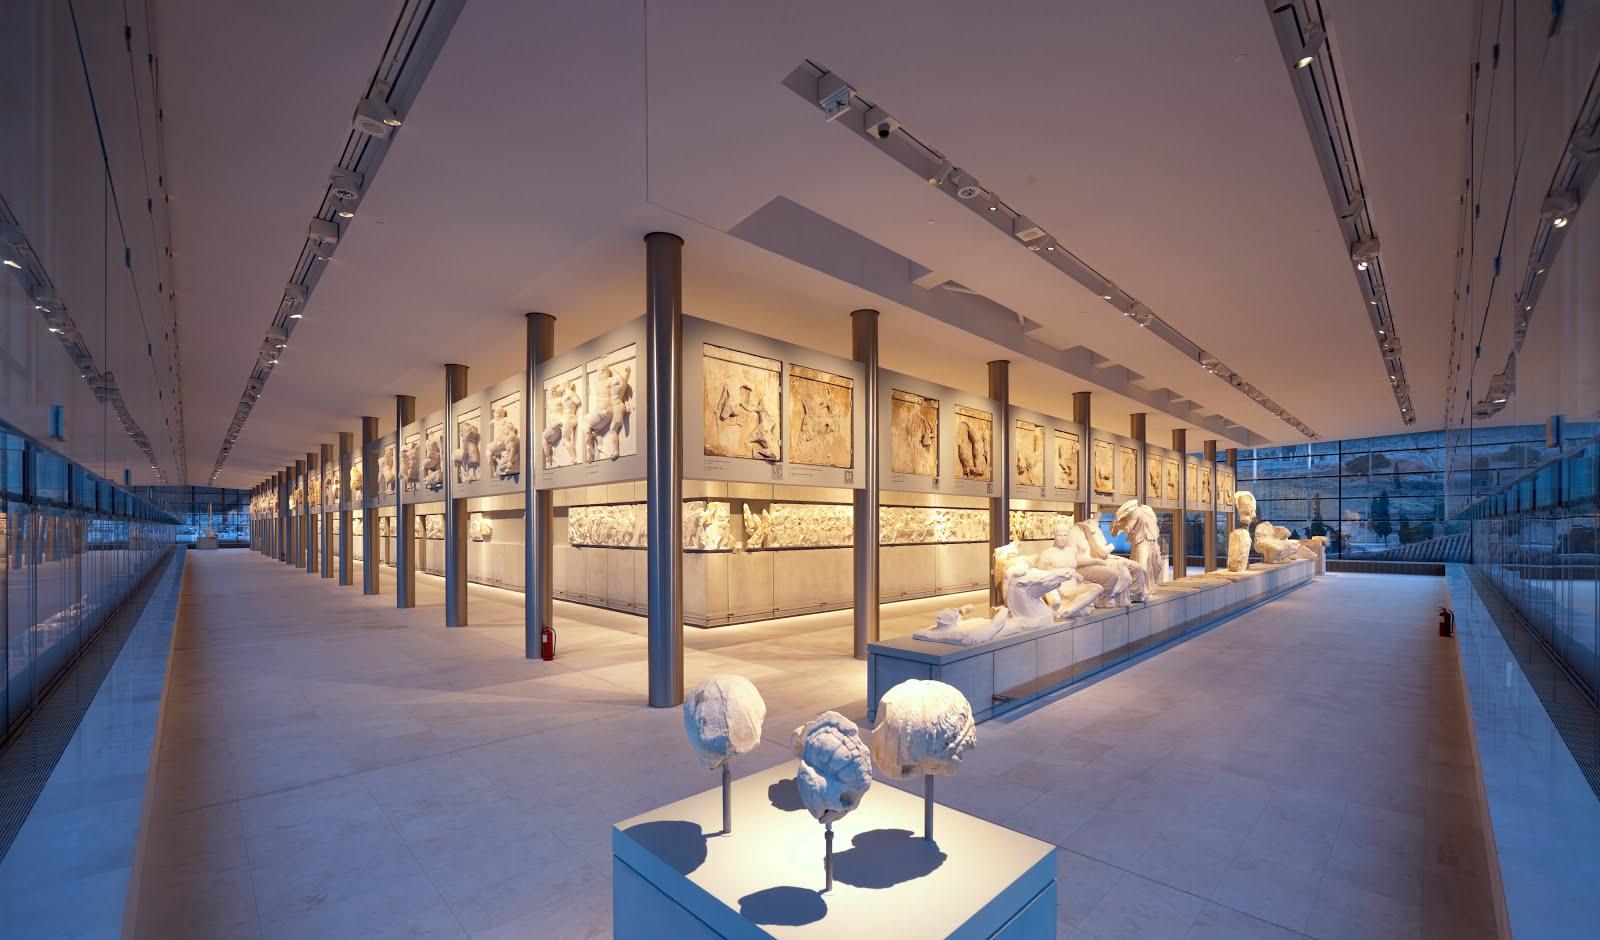 Συναυλία Κρατικής Ορχήστρας Αθηνών στο Μουσείο Ακρόπολης στις 31 Οκτωβρίου 2017